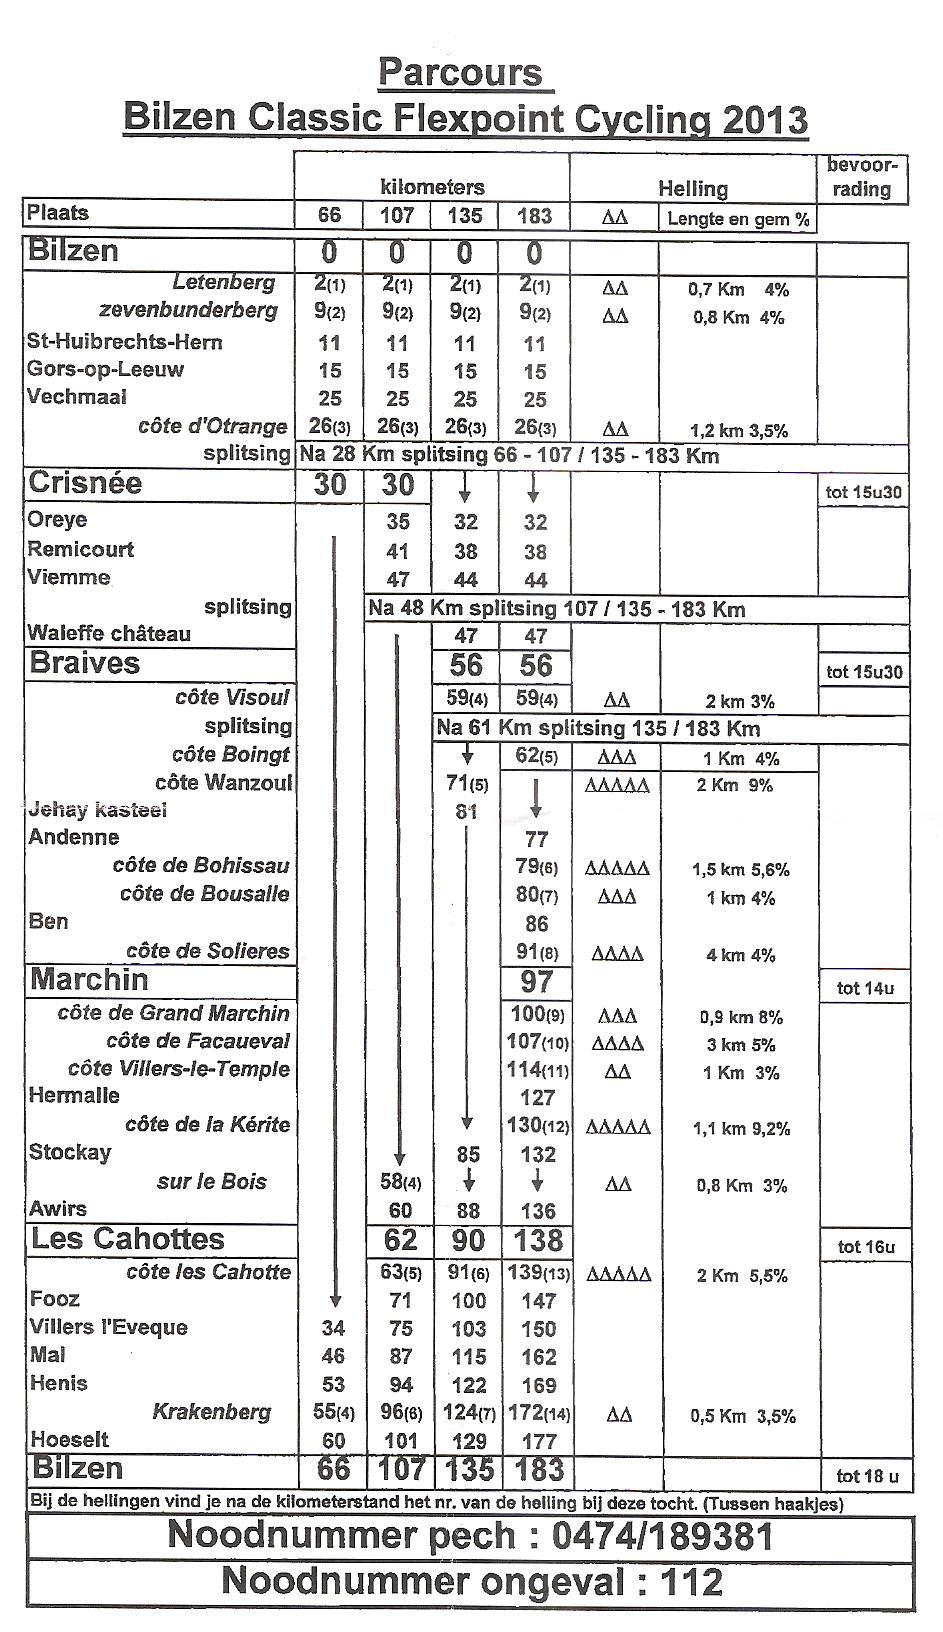 ParcoursBilzenClassicCycling3013